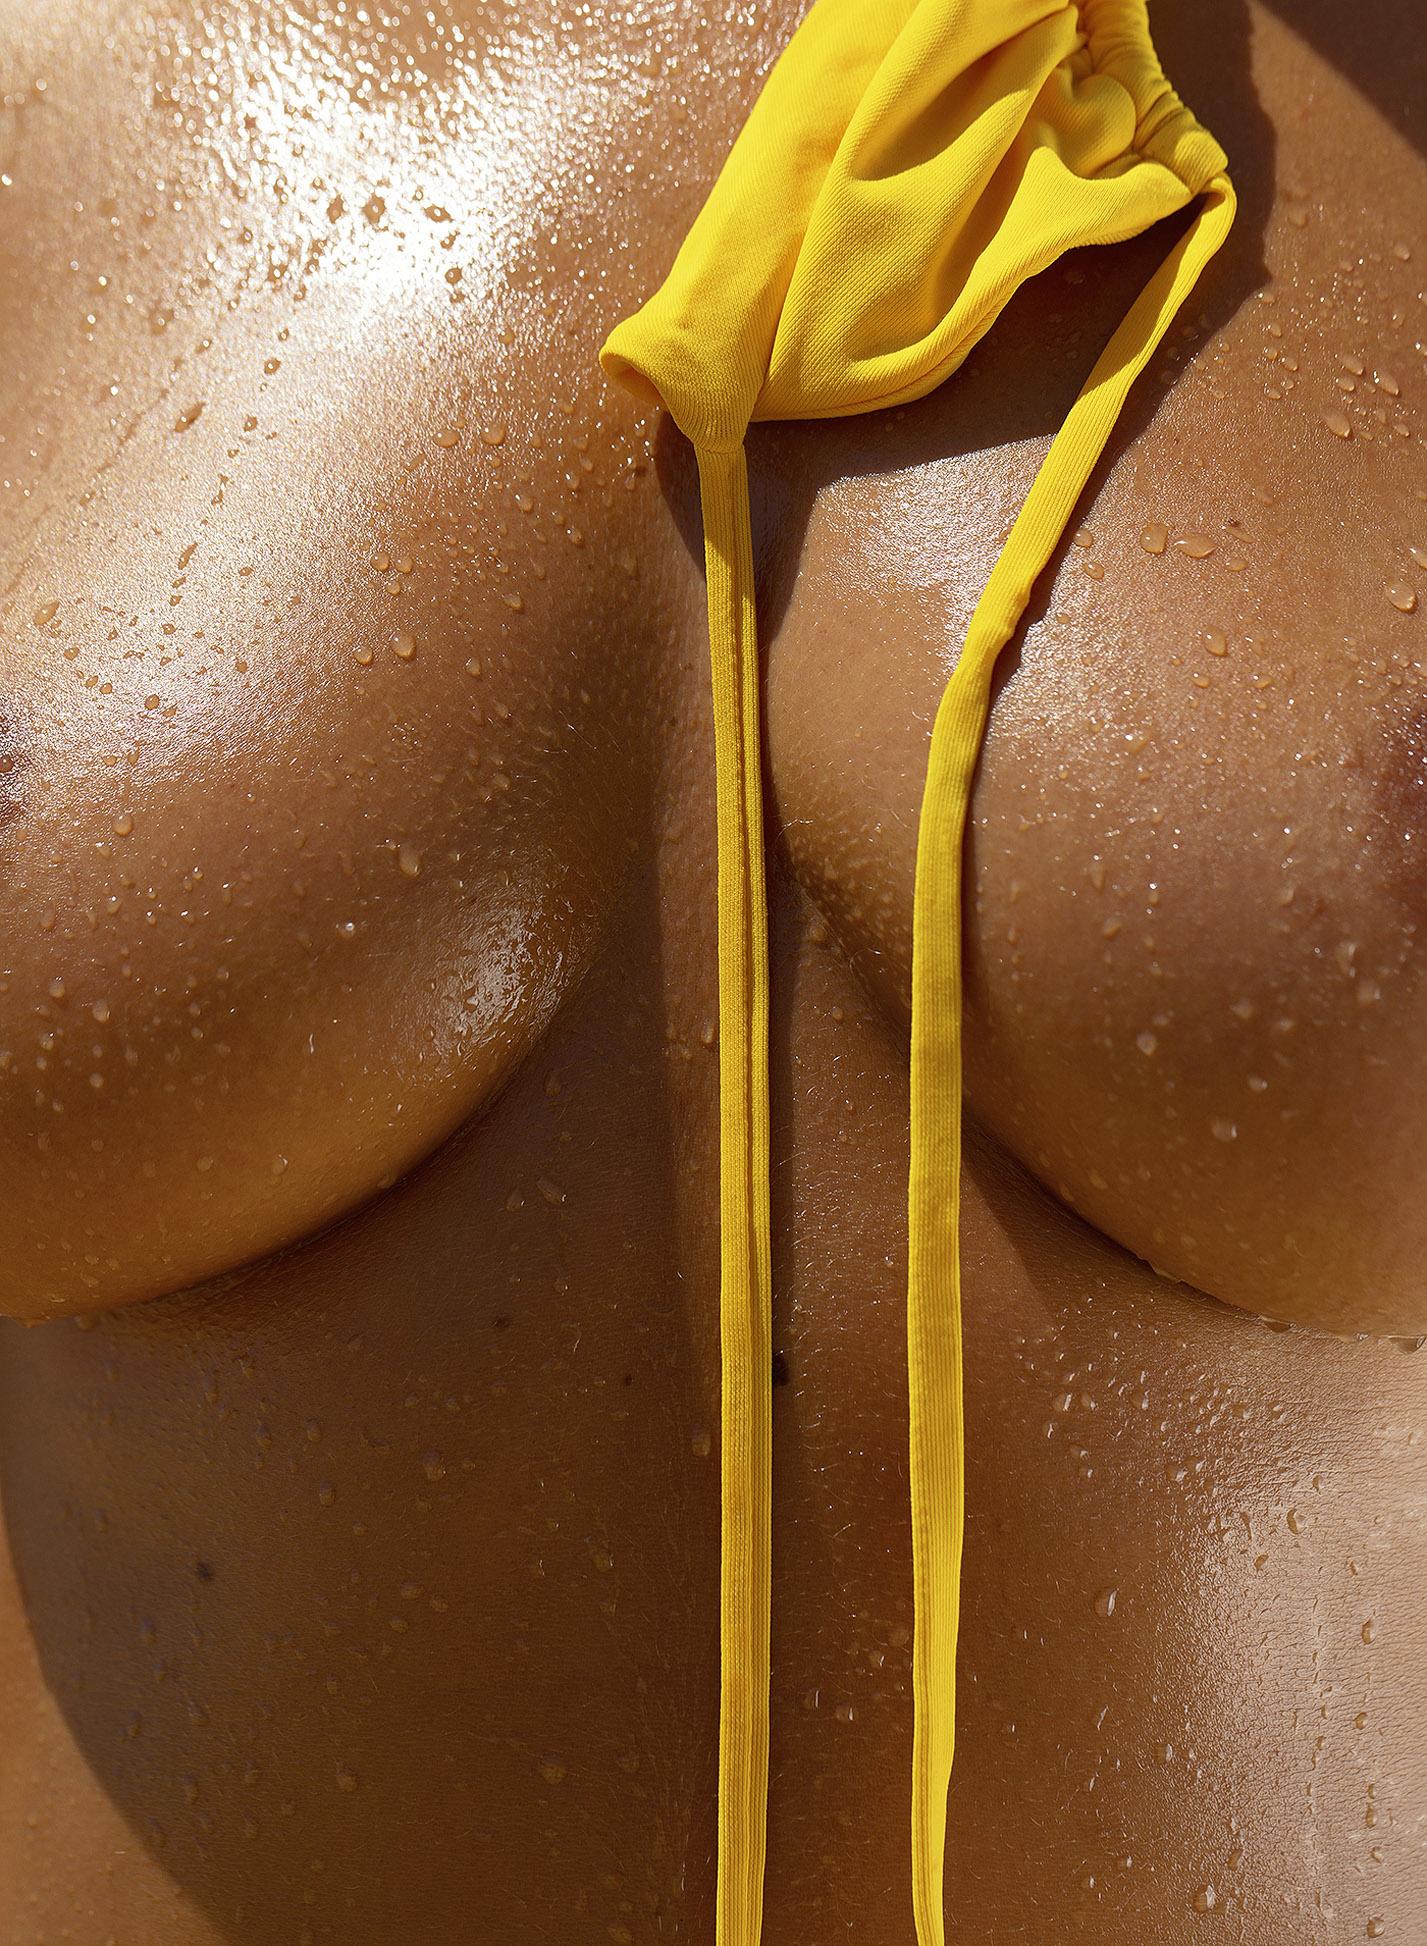 Сексуальная голая Наталья Андреева под жарким солнцем на диком пляже в Португалии / фото 29